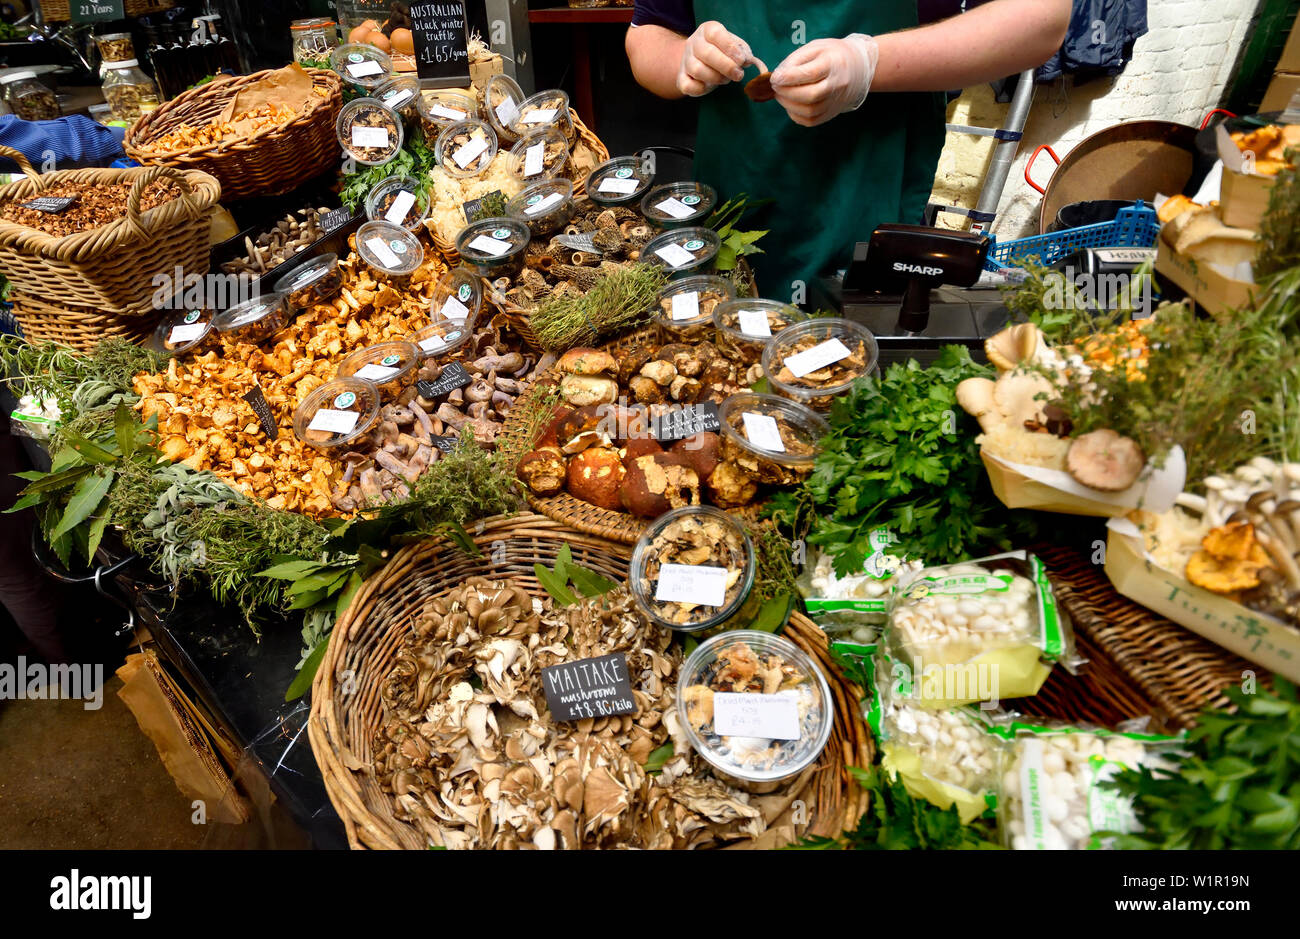 London, England, UK. Borough Market, Southwark. Stall selling mushrooms - Stock Image